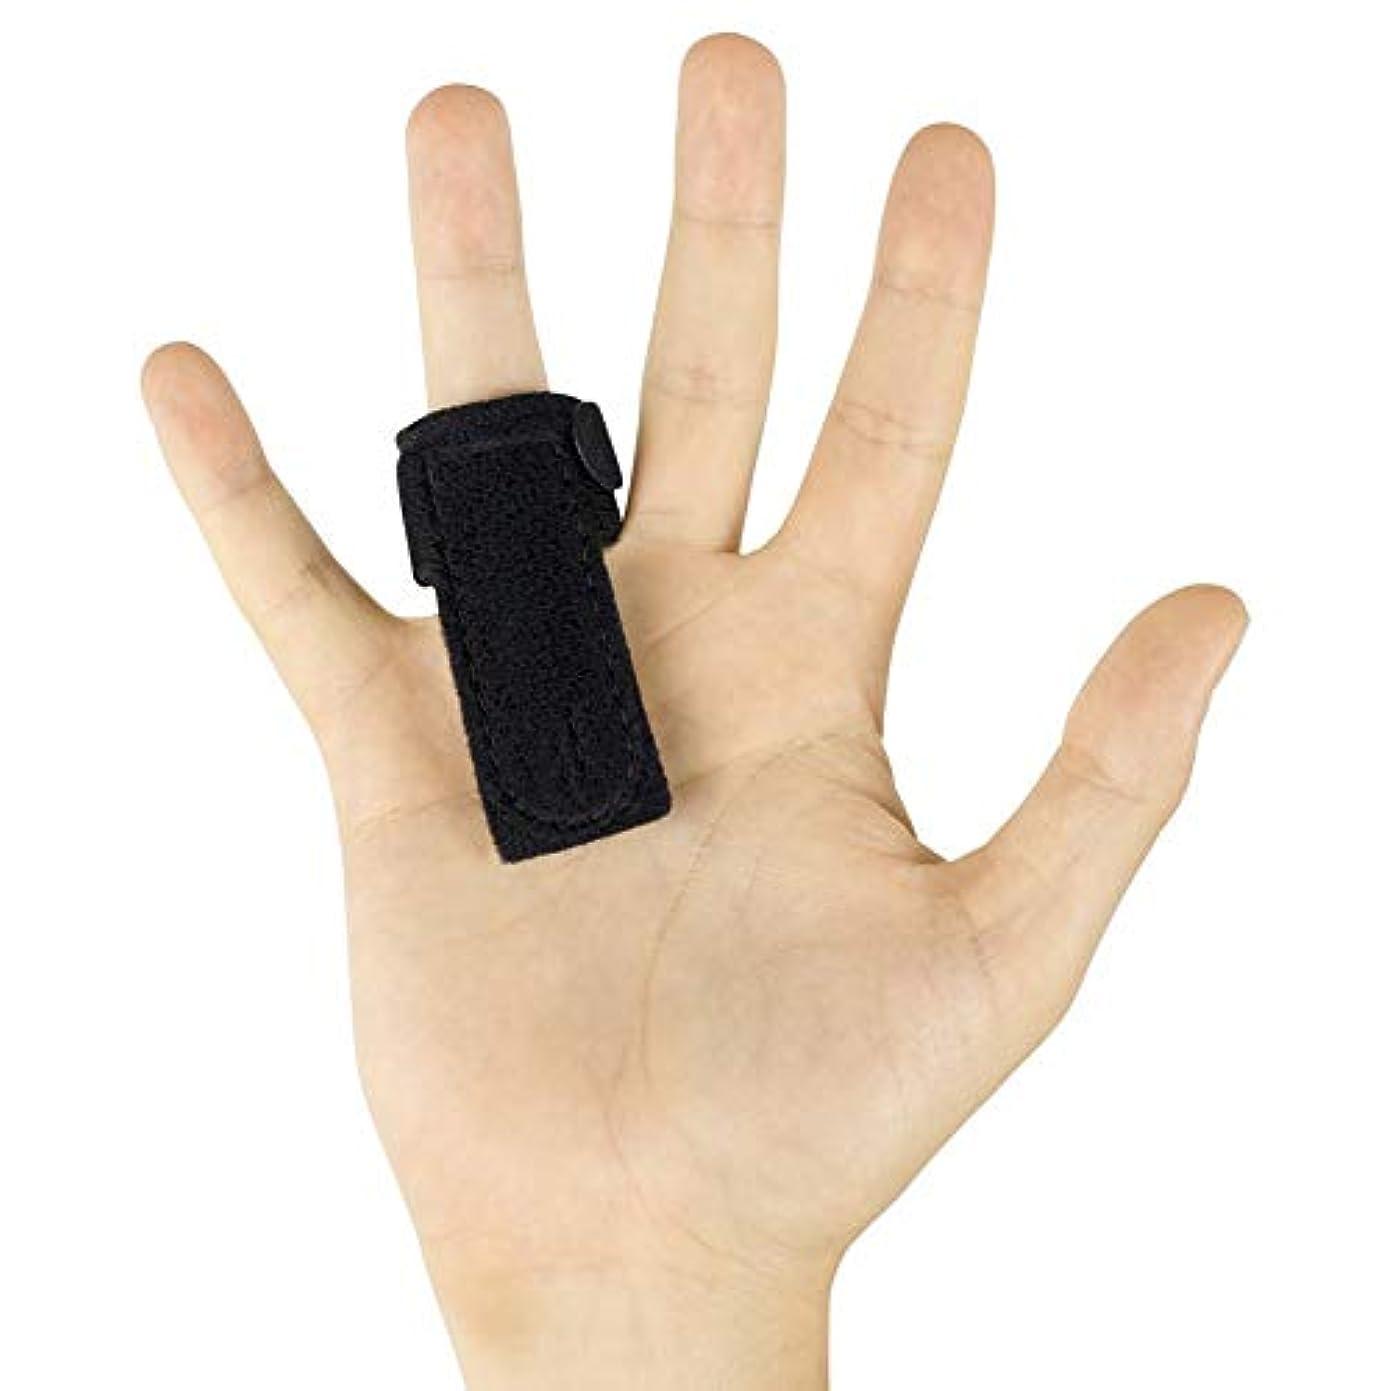 習慣インキュバスアトミック指の袖をサポートするためのばね指スプリント、内蔵アルミサポートトリガー、矯正関節炎マレットフィンガーナックルブレース指関節炎、指の骨折、腱リリース&痛みを軽減-Gift